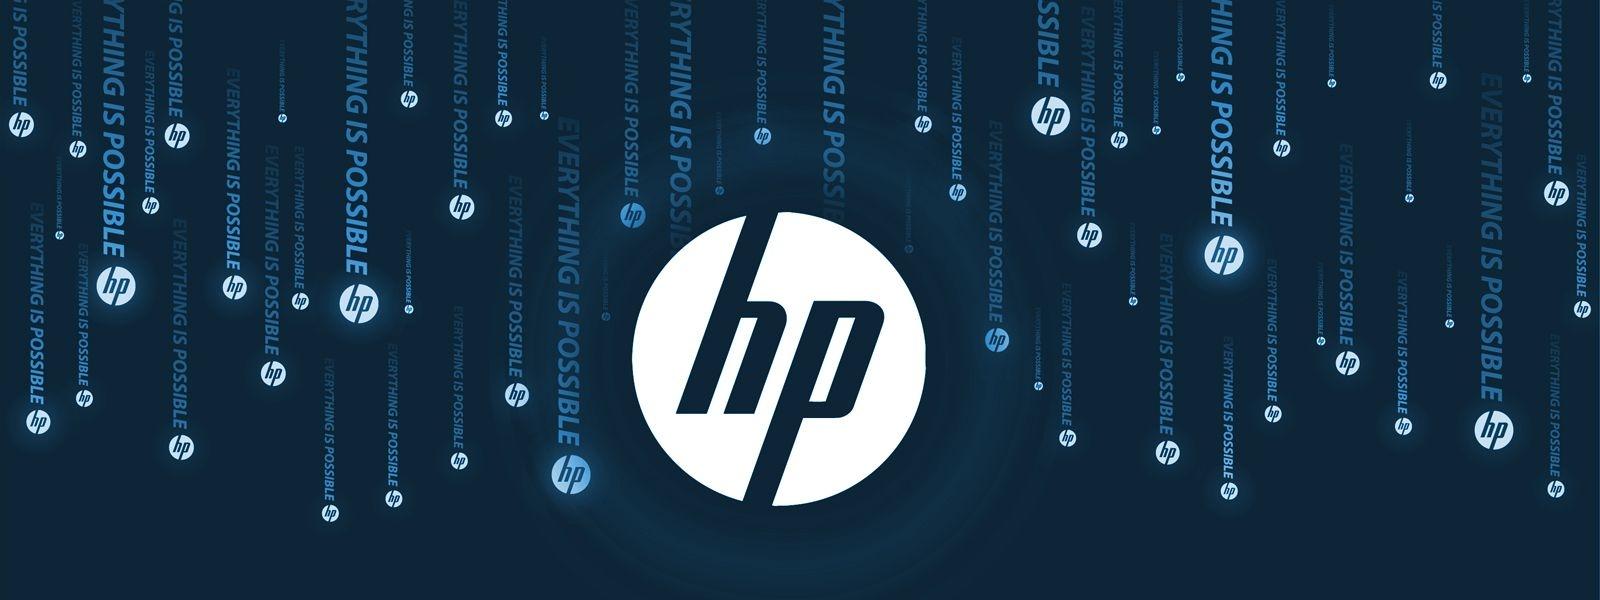 لپ تاپ اچ پی | HP